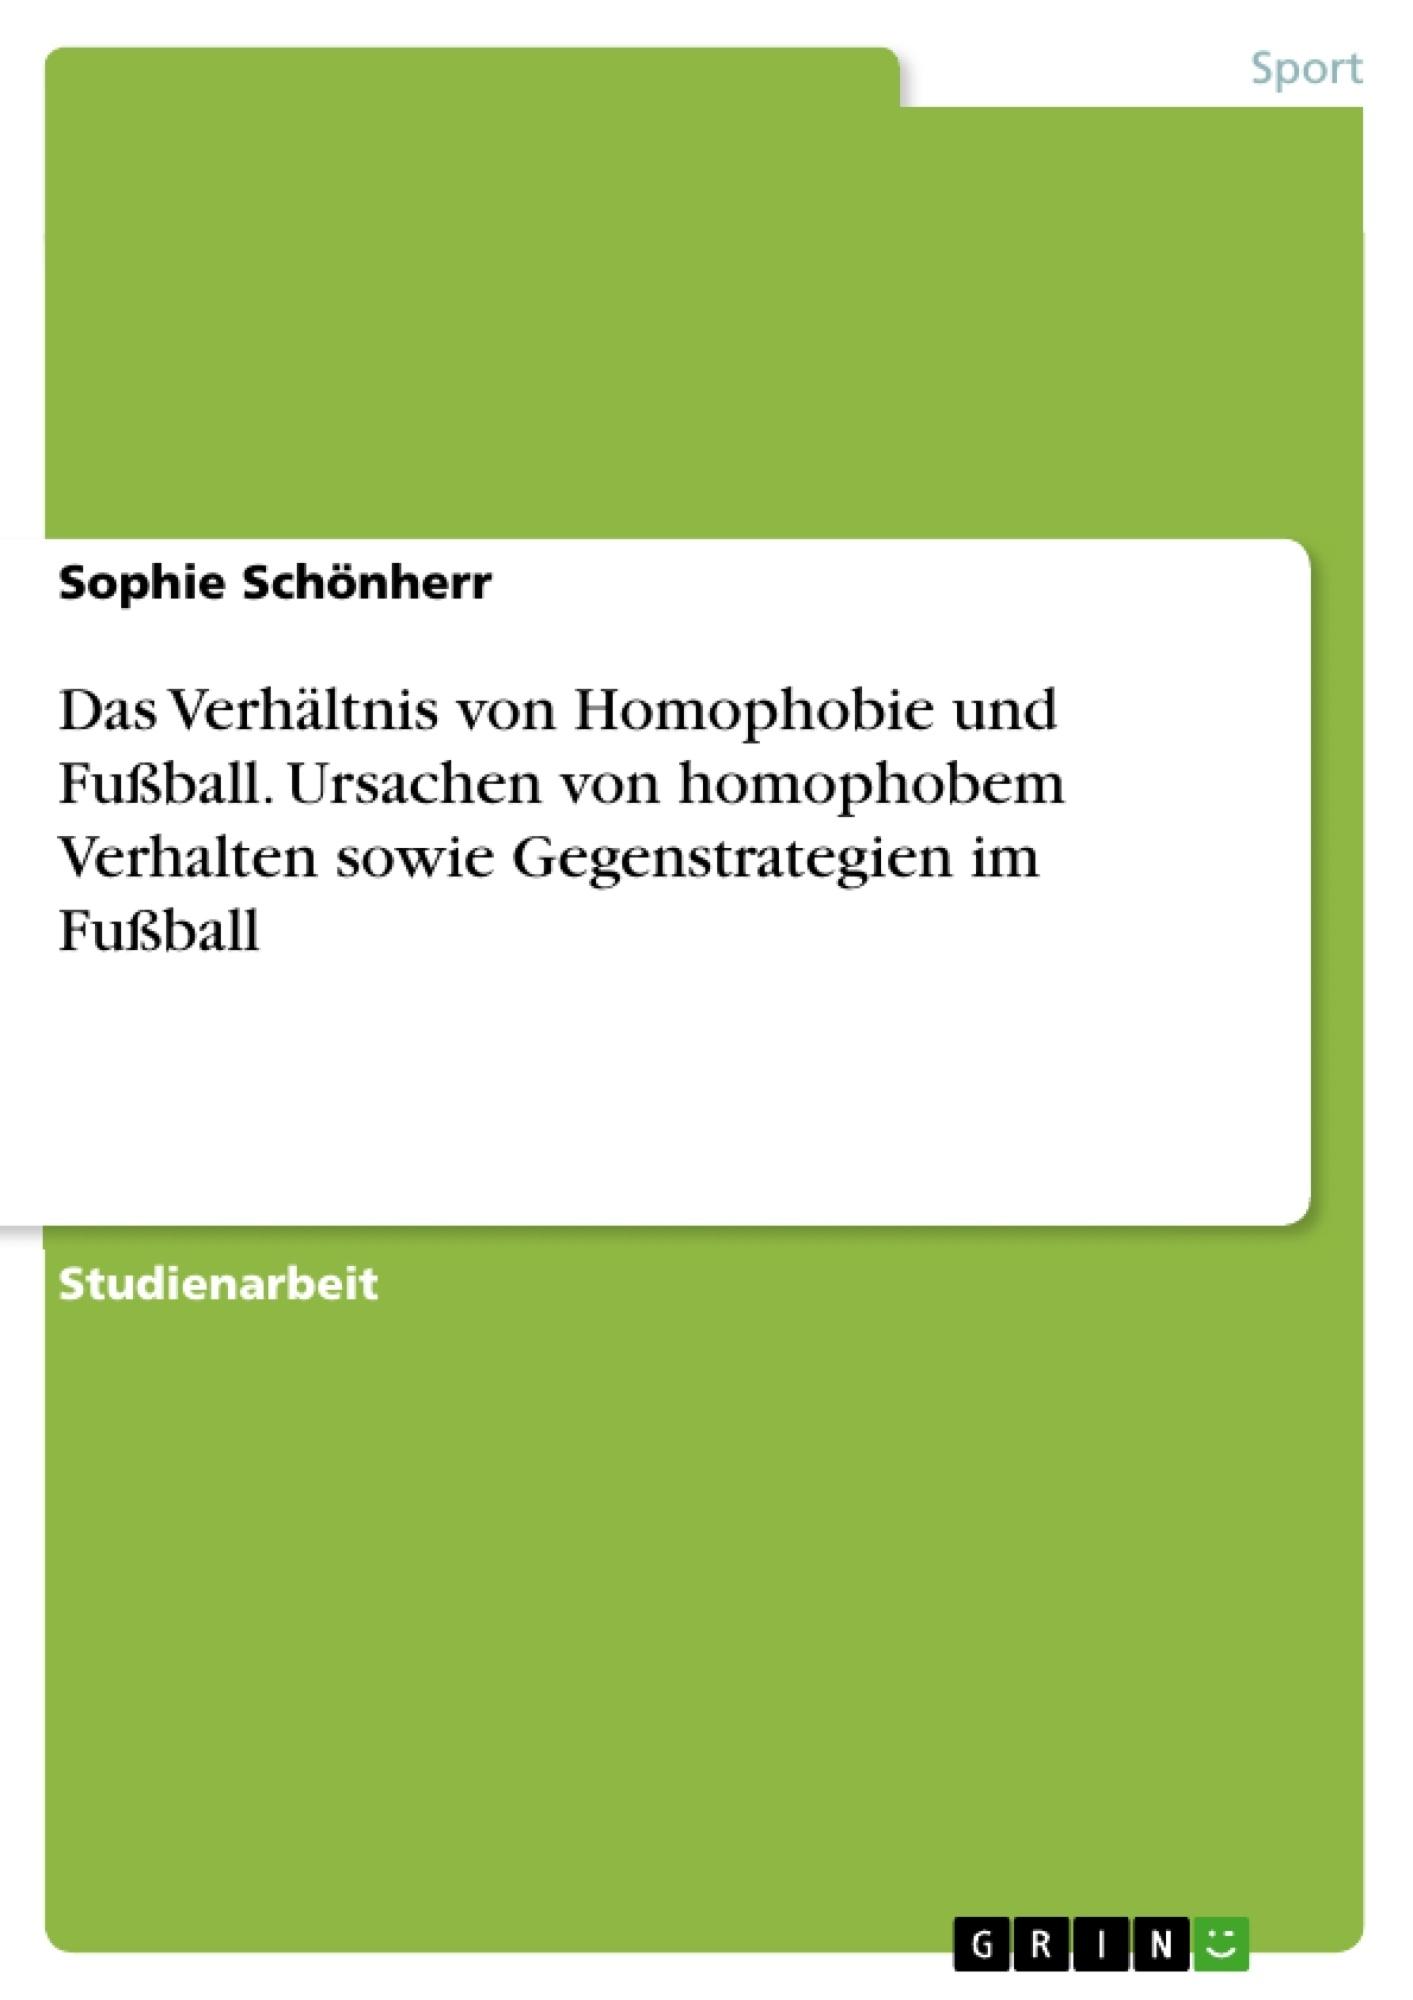 Titel: Das Verhältnis von Homophobie und Fußball. Ursachen von homophobem Verhalten sowie Gegenstrategien im Fußball